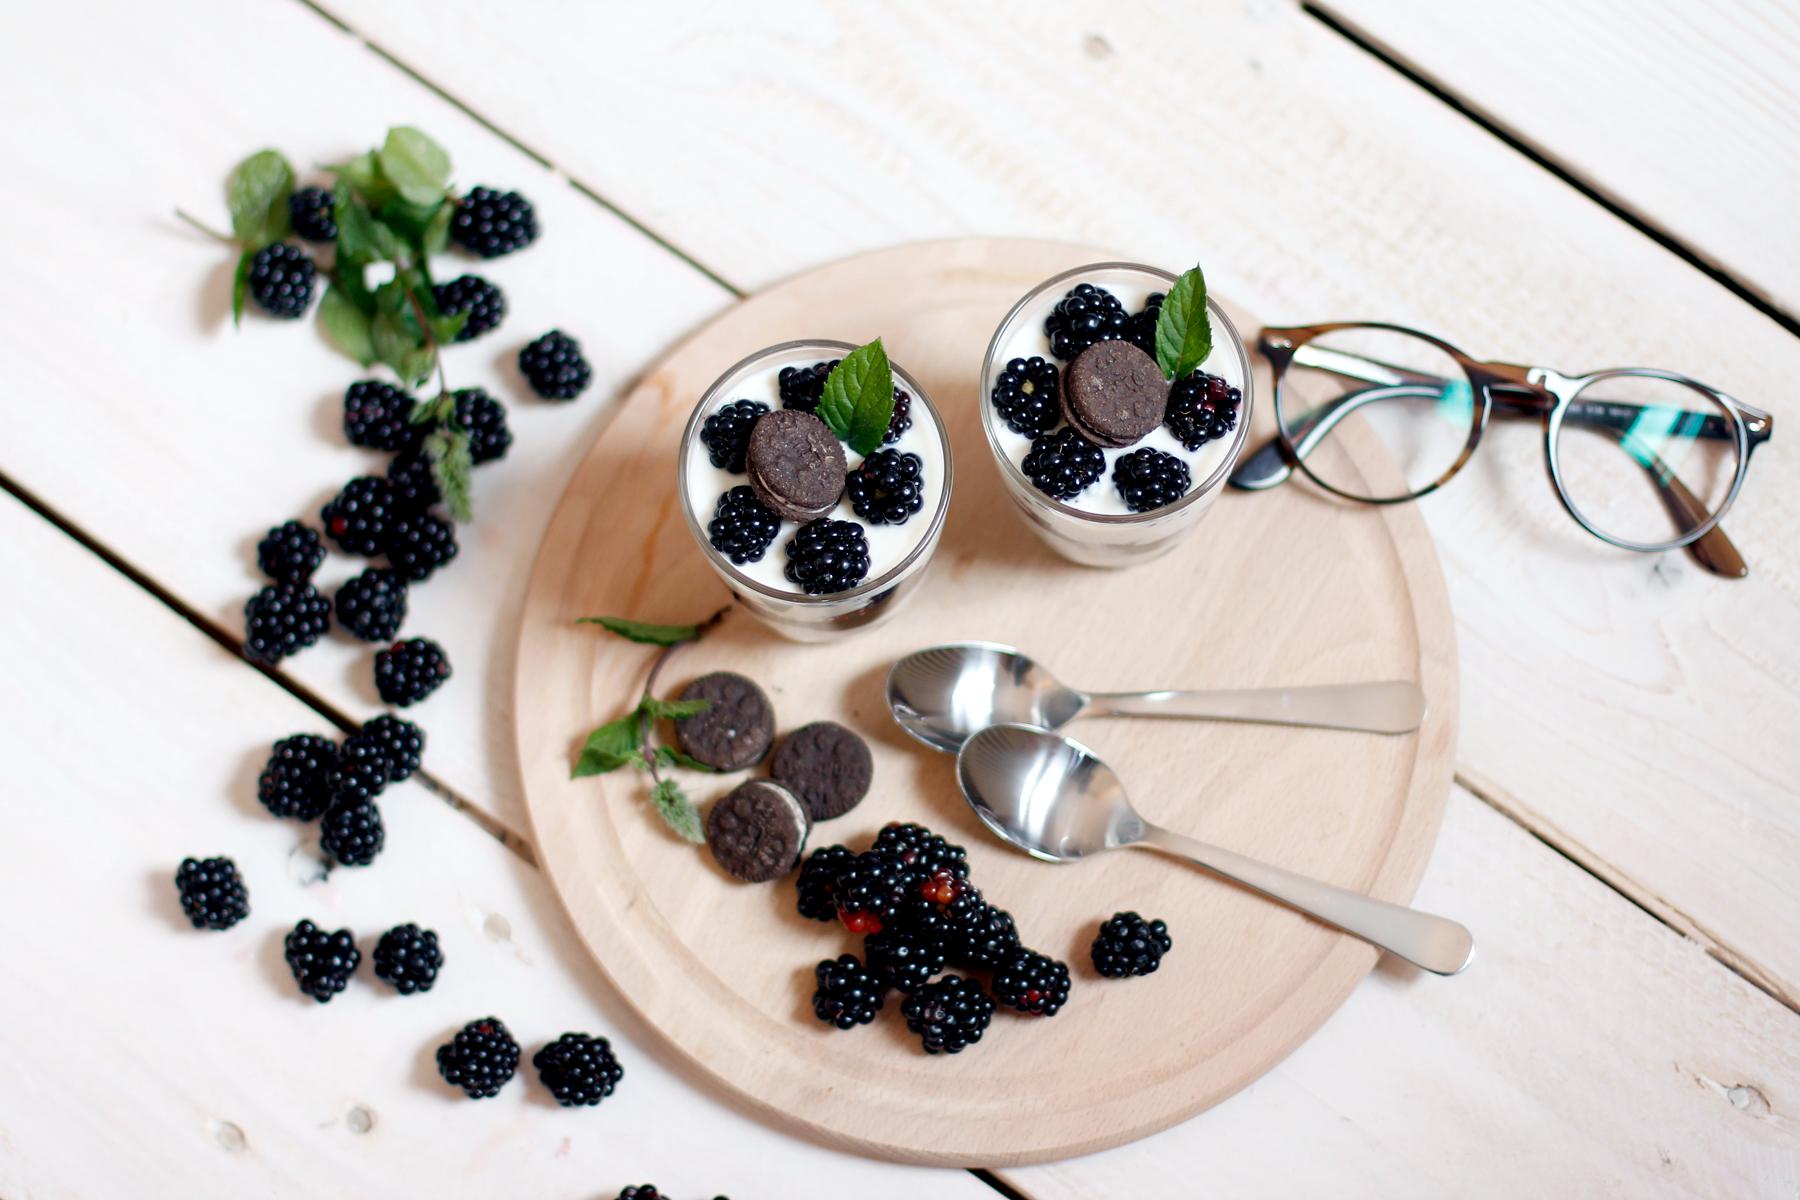 rezepte mit brombeeren rezept blackberry blackberries fruit autumn fall herbst obst gesund vegan backen dessert drink süß süßspeise lifestyle blogger ricarda schernus cats & dogs blog hannover düsseldorf berlin 3